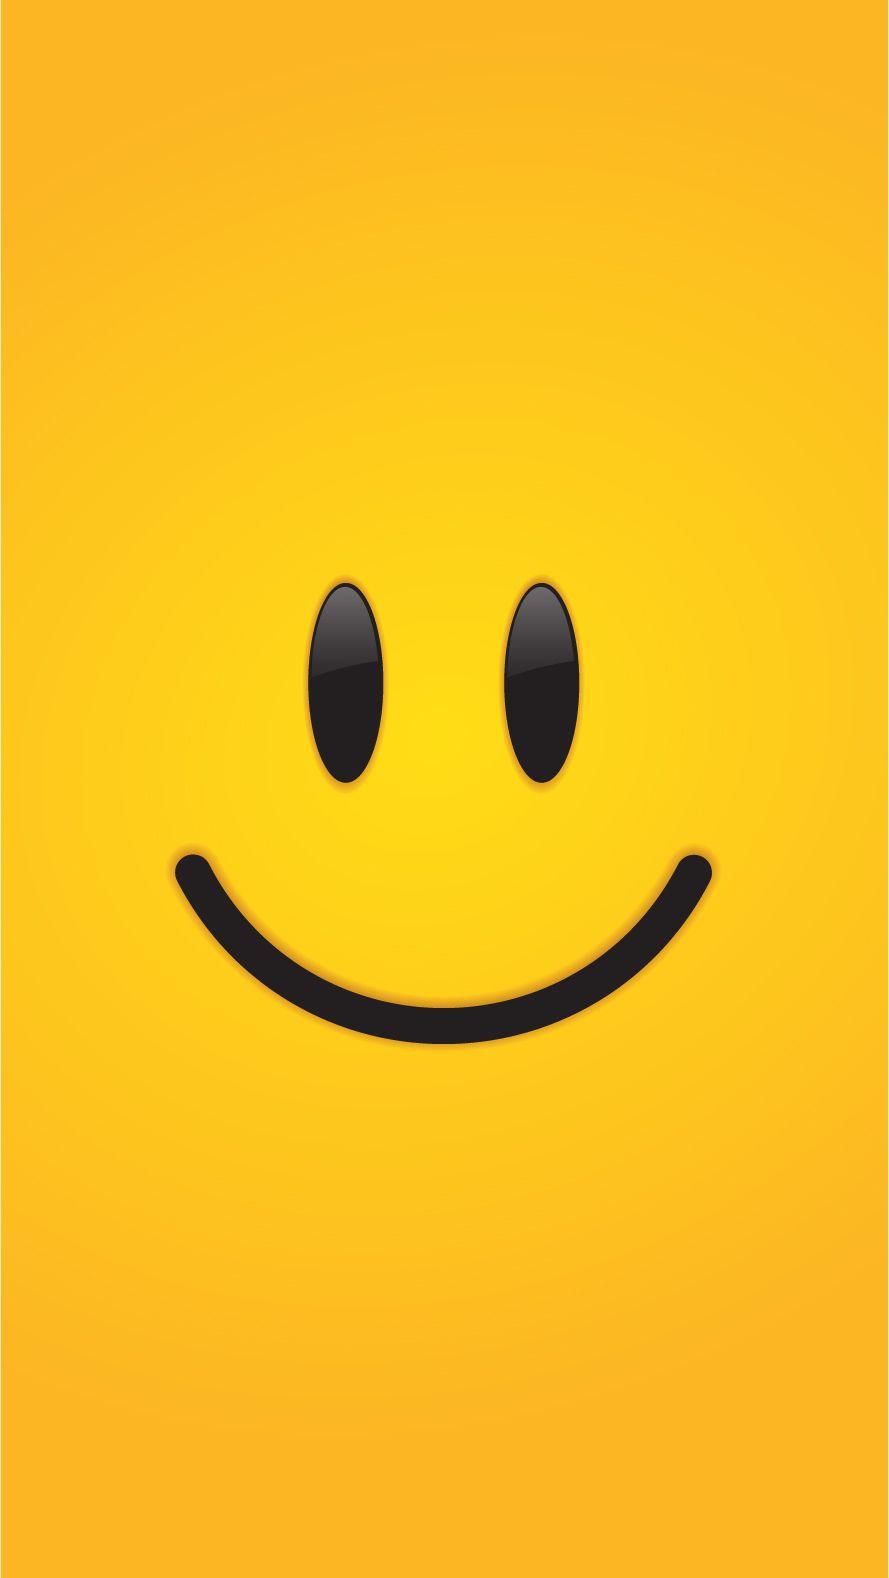 Iphone 5 Wallpaper 09 Wallpaper Smile Wallpaper Emoji